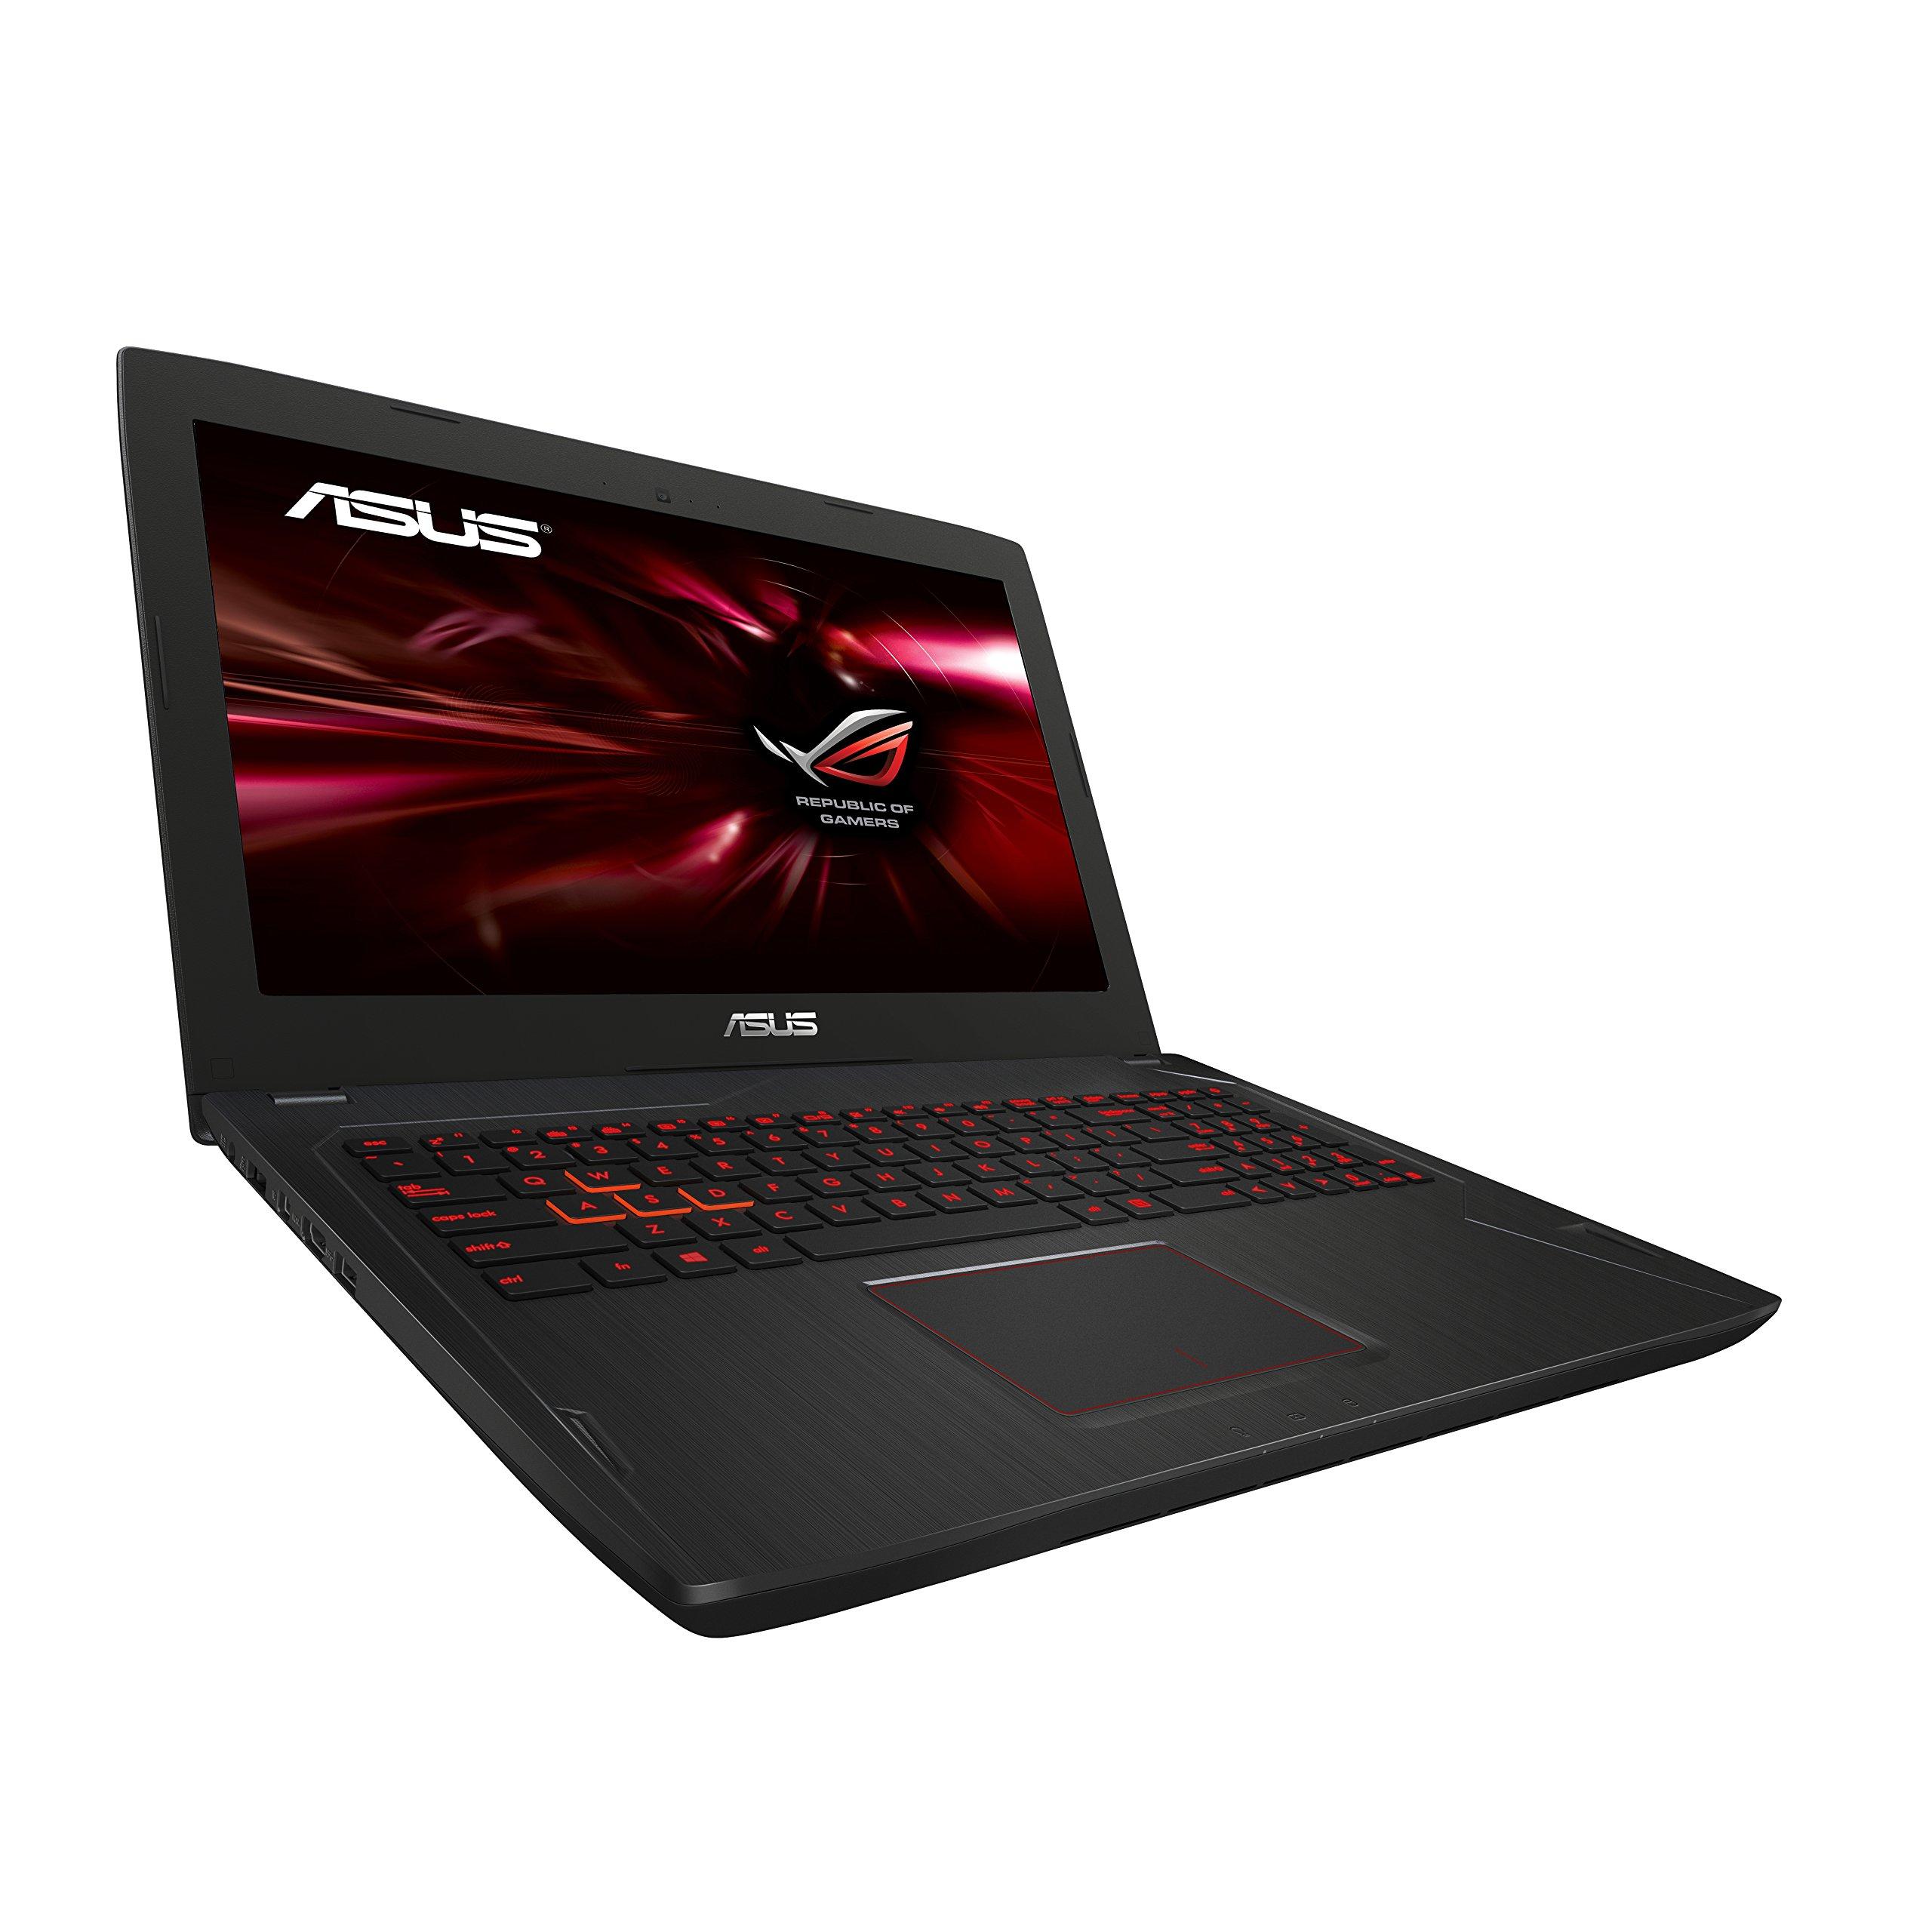 85c89239ef607b Asus ROG FX553VE-DM354T PC portable Gamer 15,6″ Full HD Noir (Intel ...